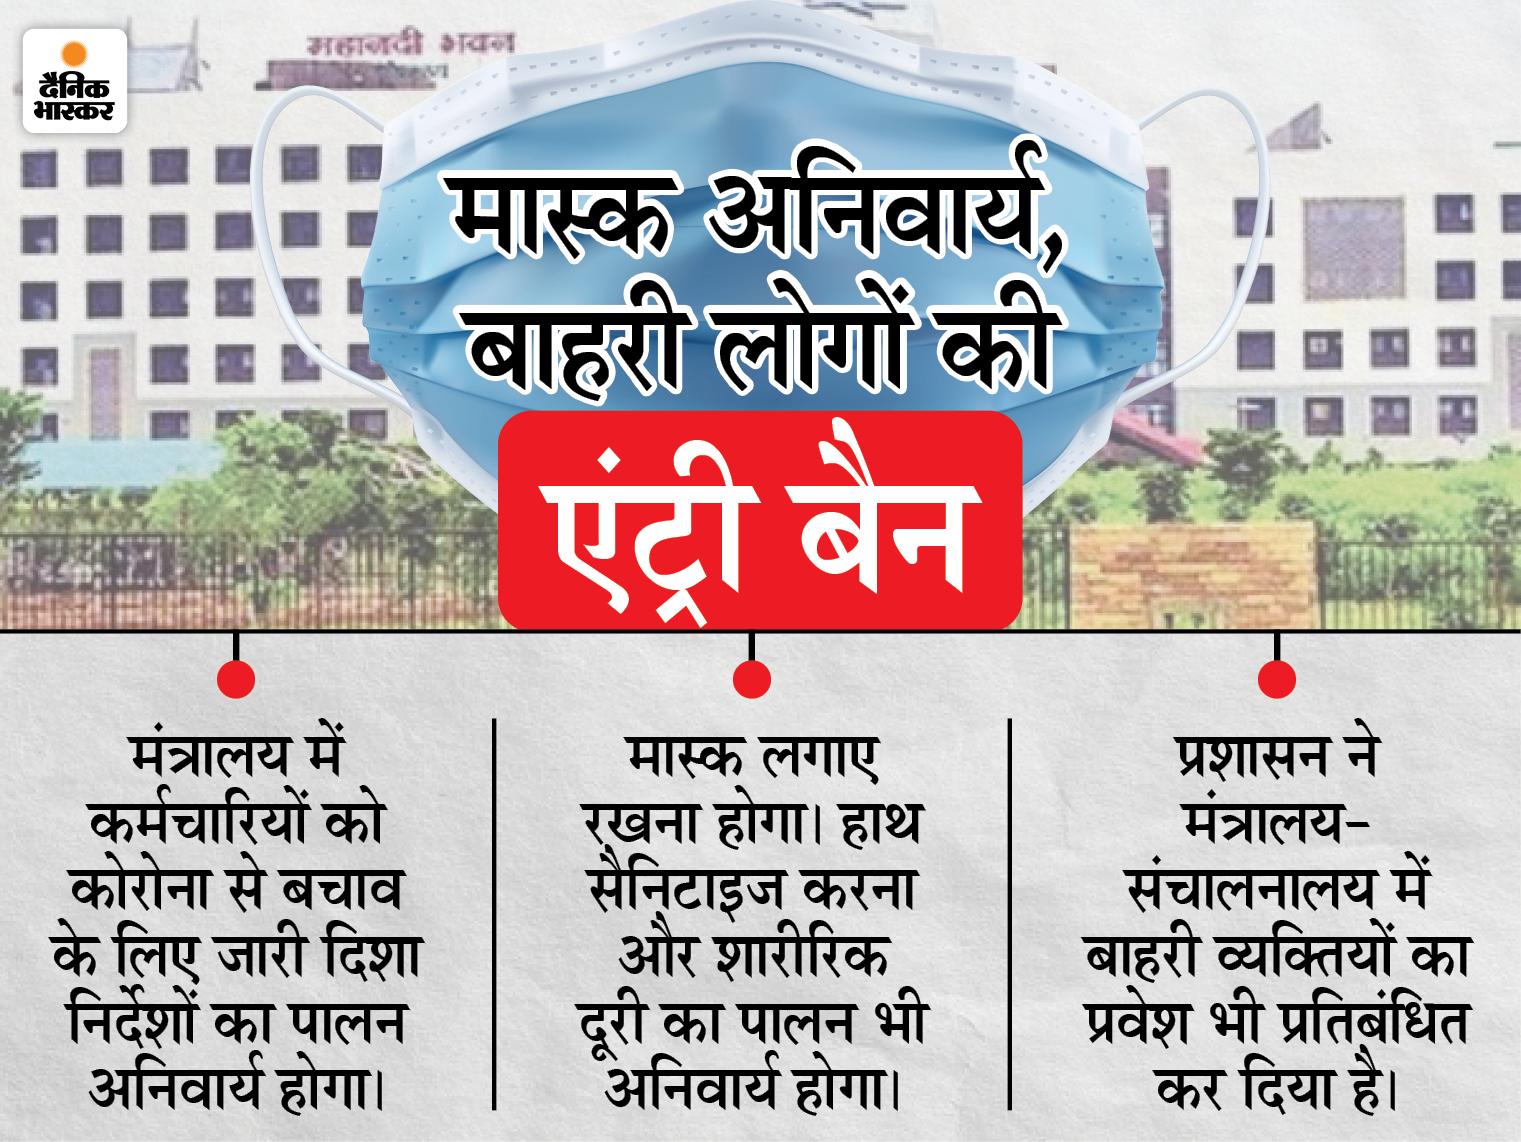 छत्तीसगढ़ मंत्रालय-संचालनालय में 33% कर्मचारियों के साथ शुरू होगा कामकाज, कार्यालय के लिए बस सुविधा मुहैया नहीं कराएगी सरकार|रायपुर,Raipur - Dainik Bhaskar